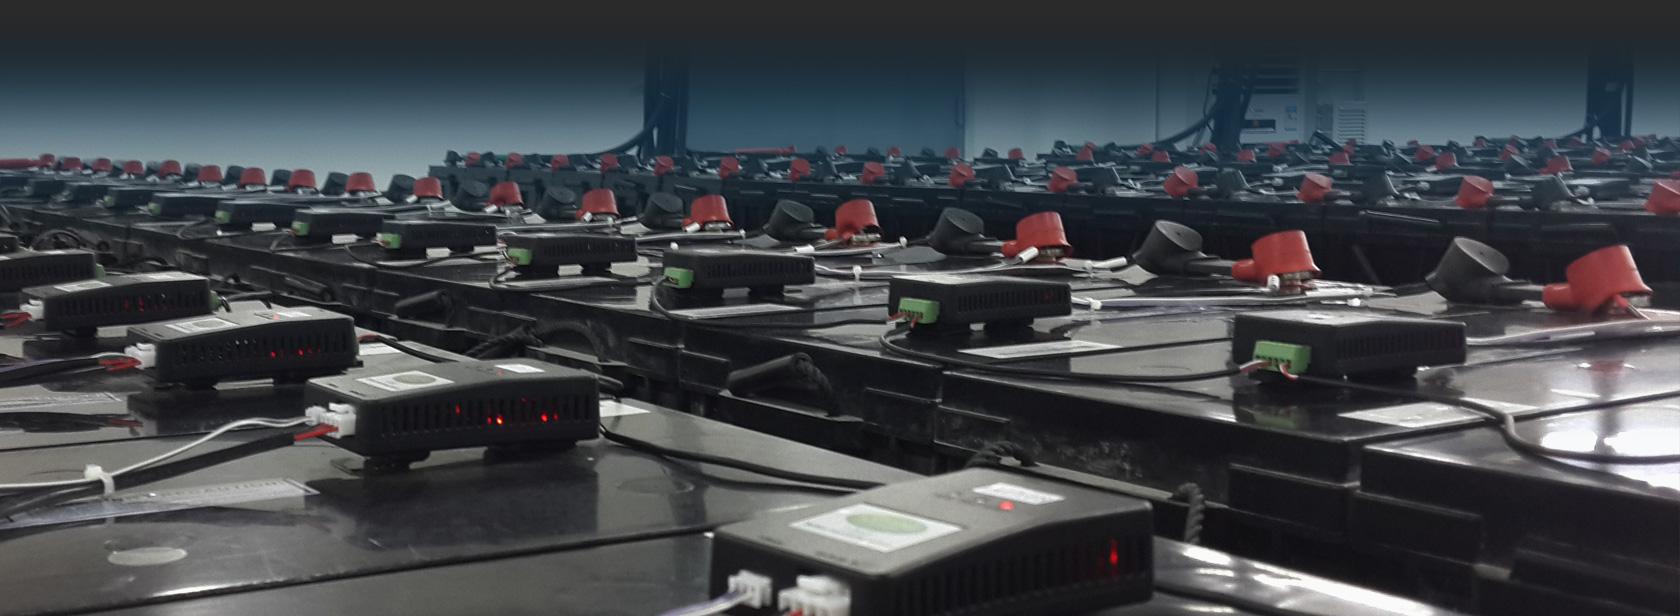 北京巨成科技-为航空雷达站等设施所用的蓄电池提供监测管理系统